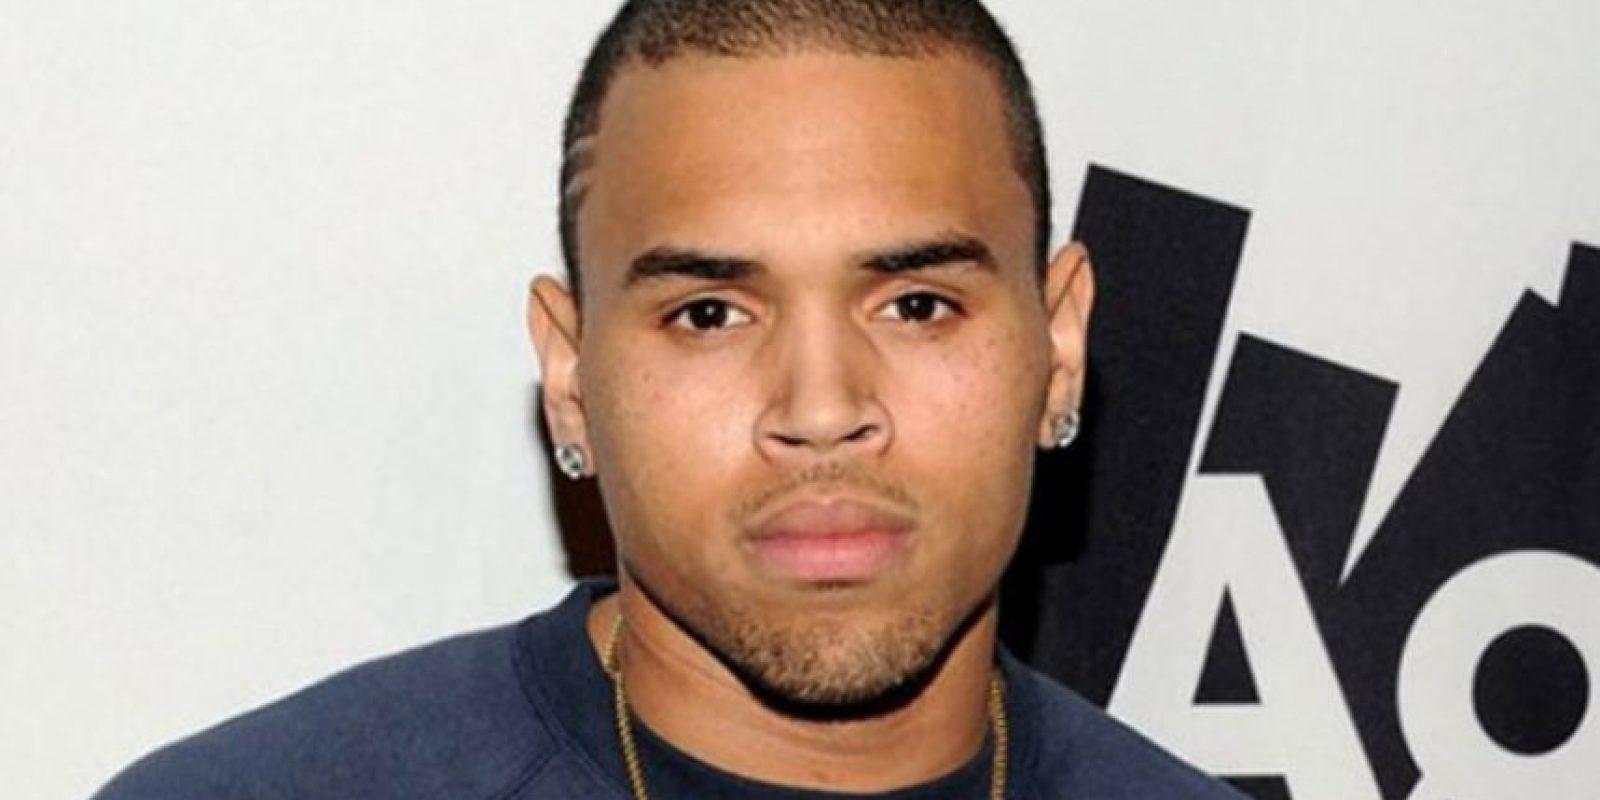 Un fan lo cusó de haberlo pateado en la cara Foto:Getty Images